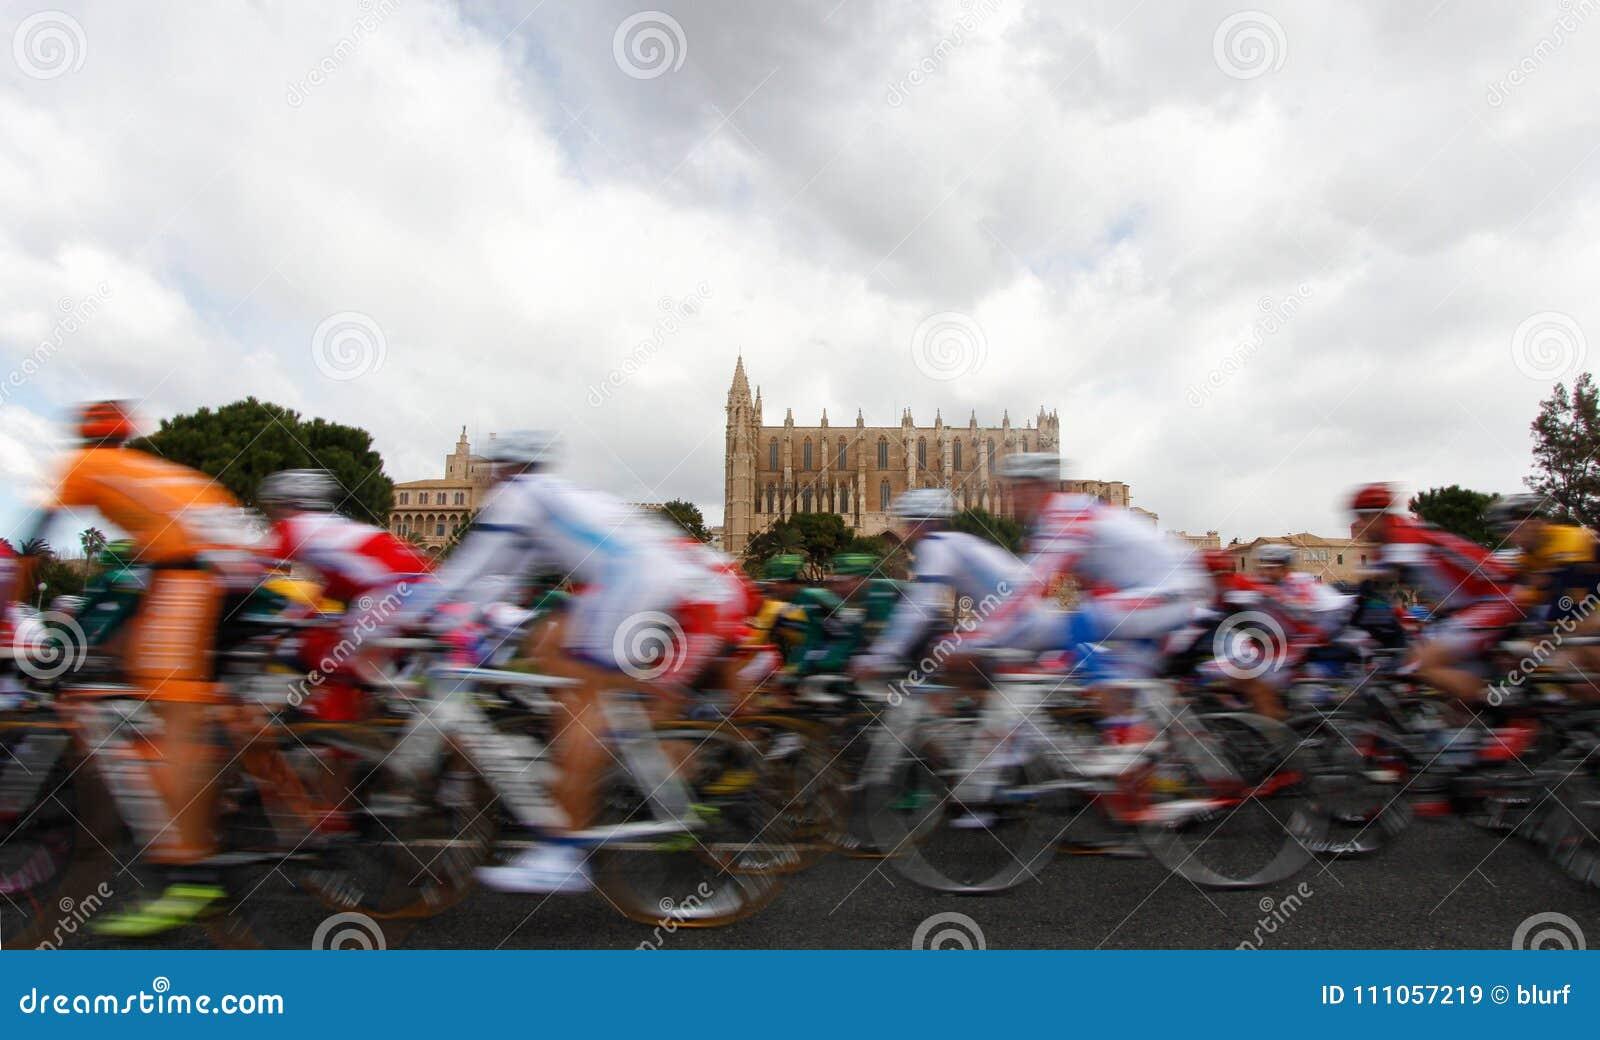 Pak ruiters die naast de kathedraal van Palma wijd overgaan DE Mallorca